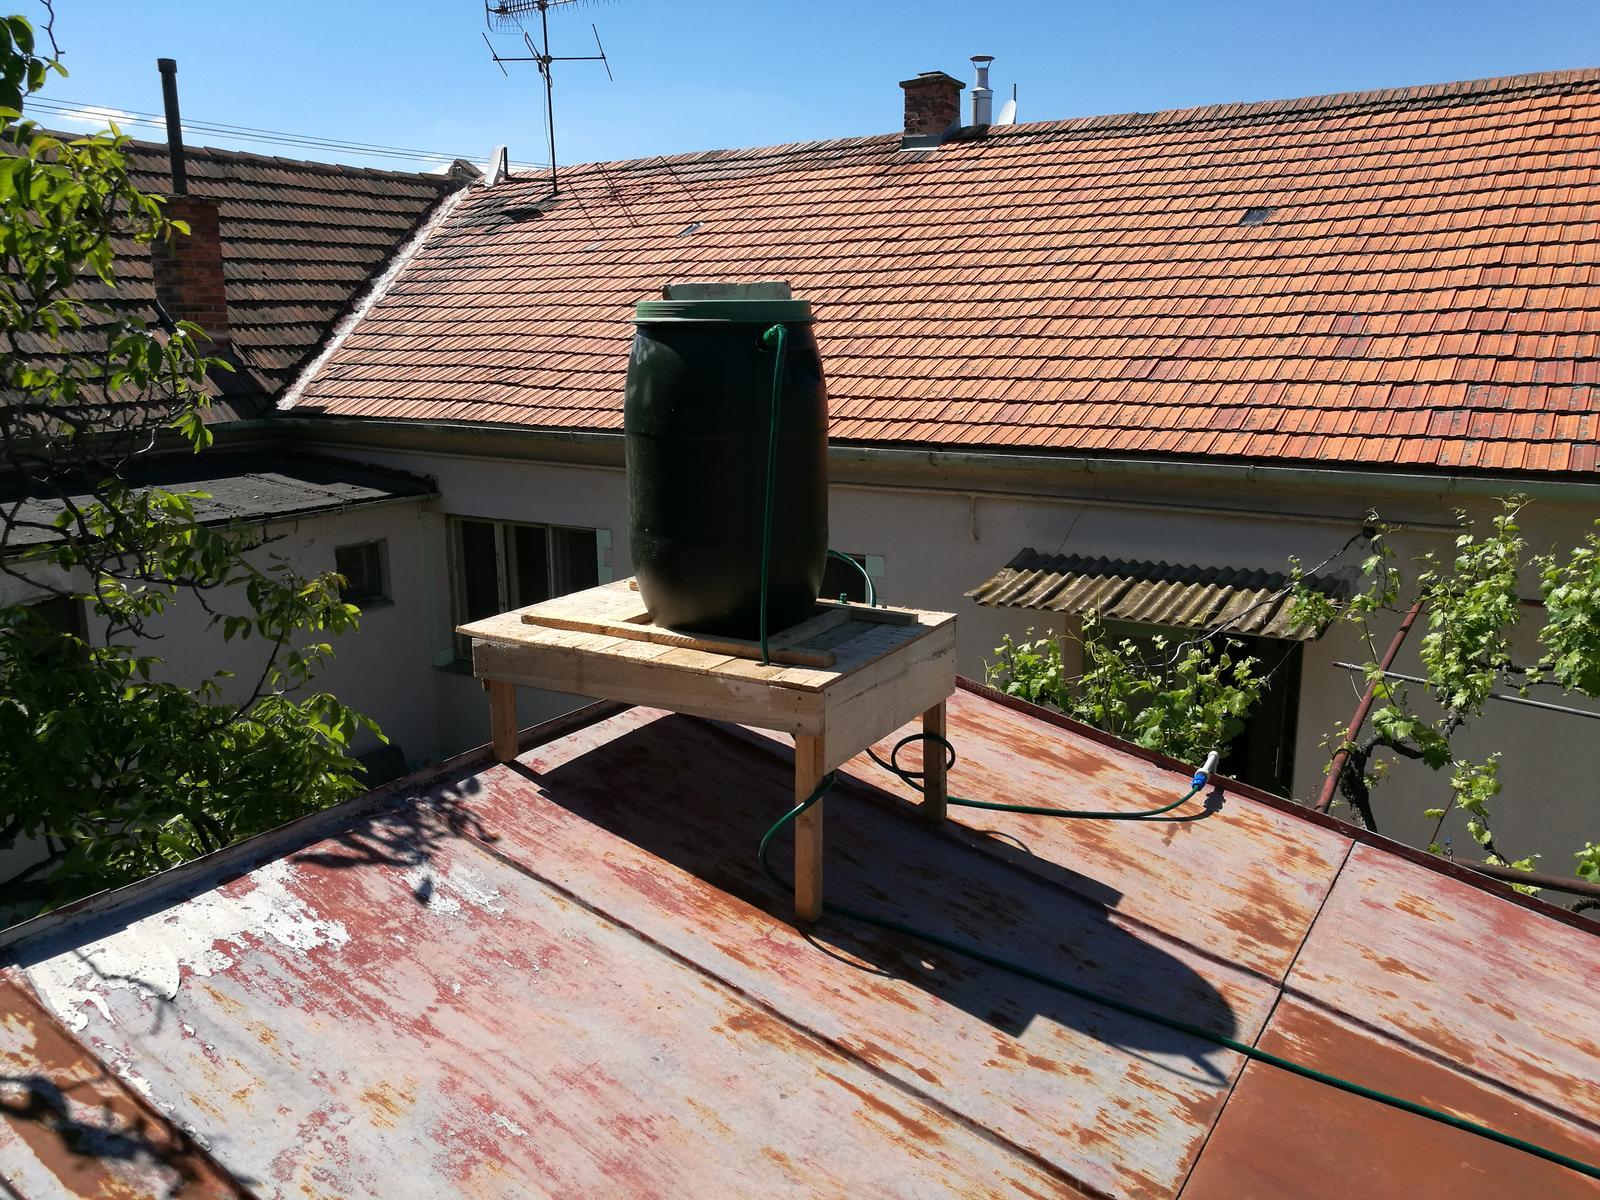 Náš budúci domov - rekonštrukcia rodinného domu - Už sa môžme konečne po práci aj osprchovať. Dole na záhrade je slnečný prietokový ohrievač domácej výroby.